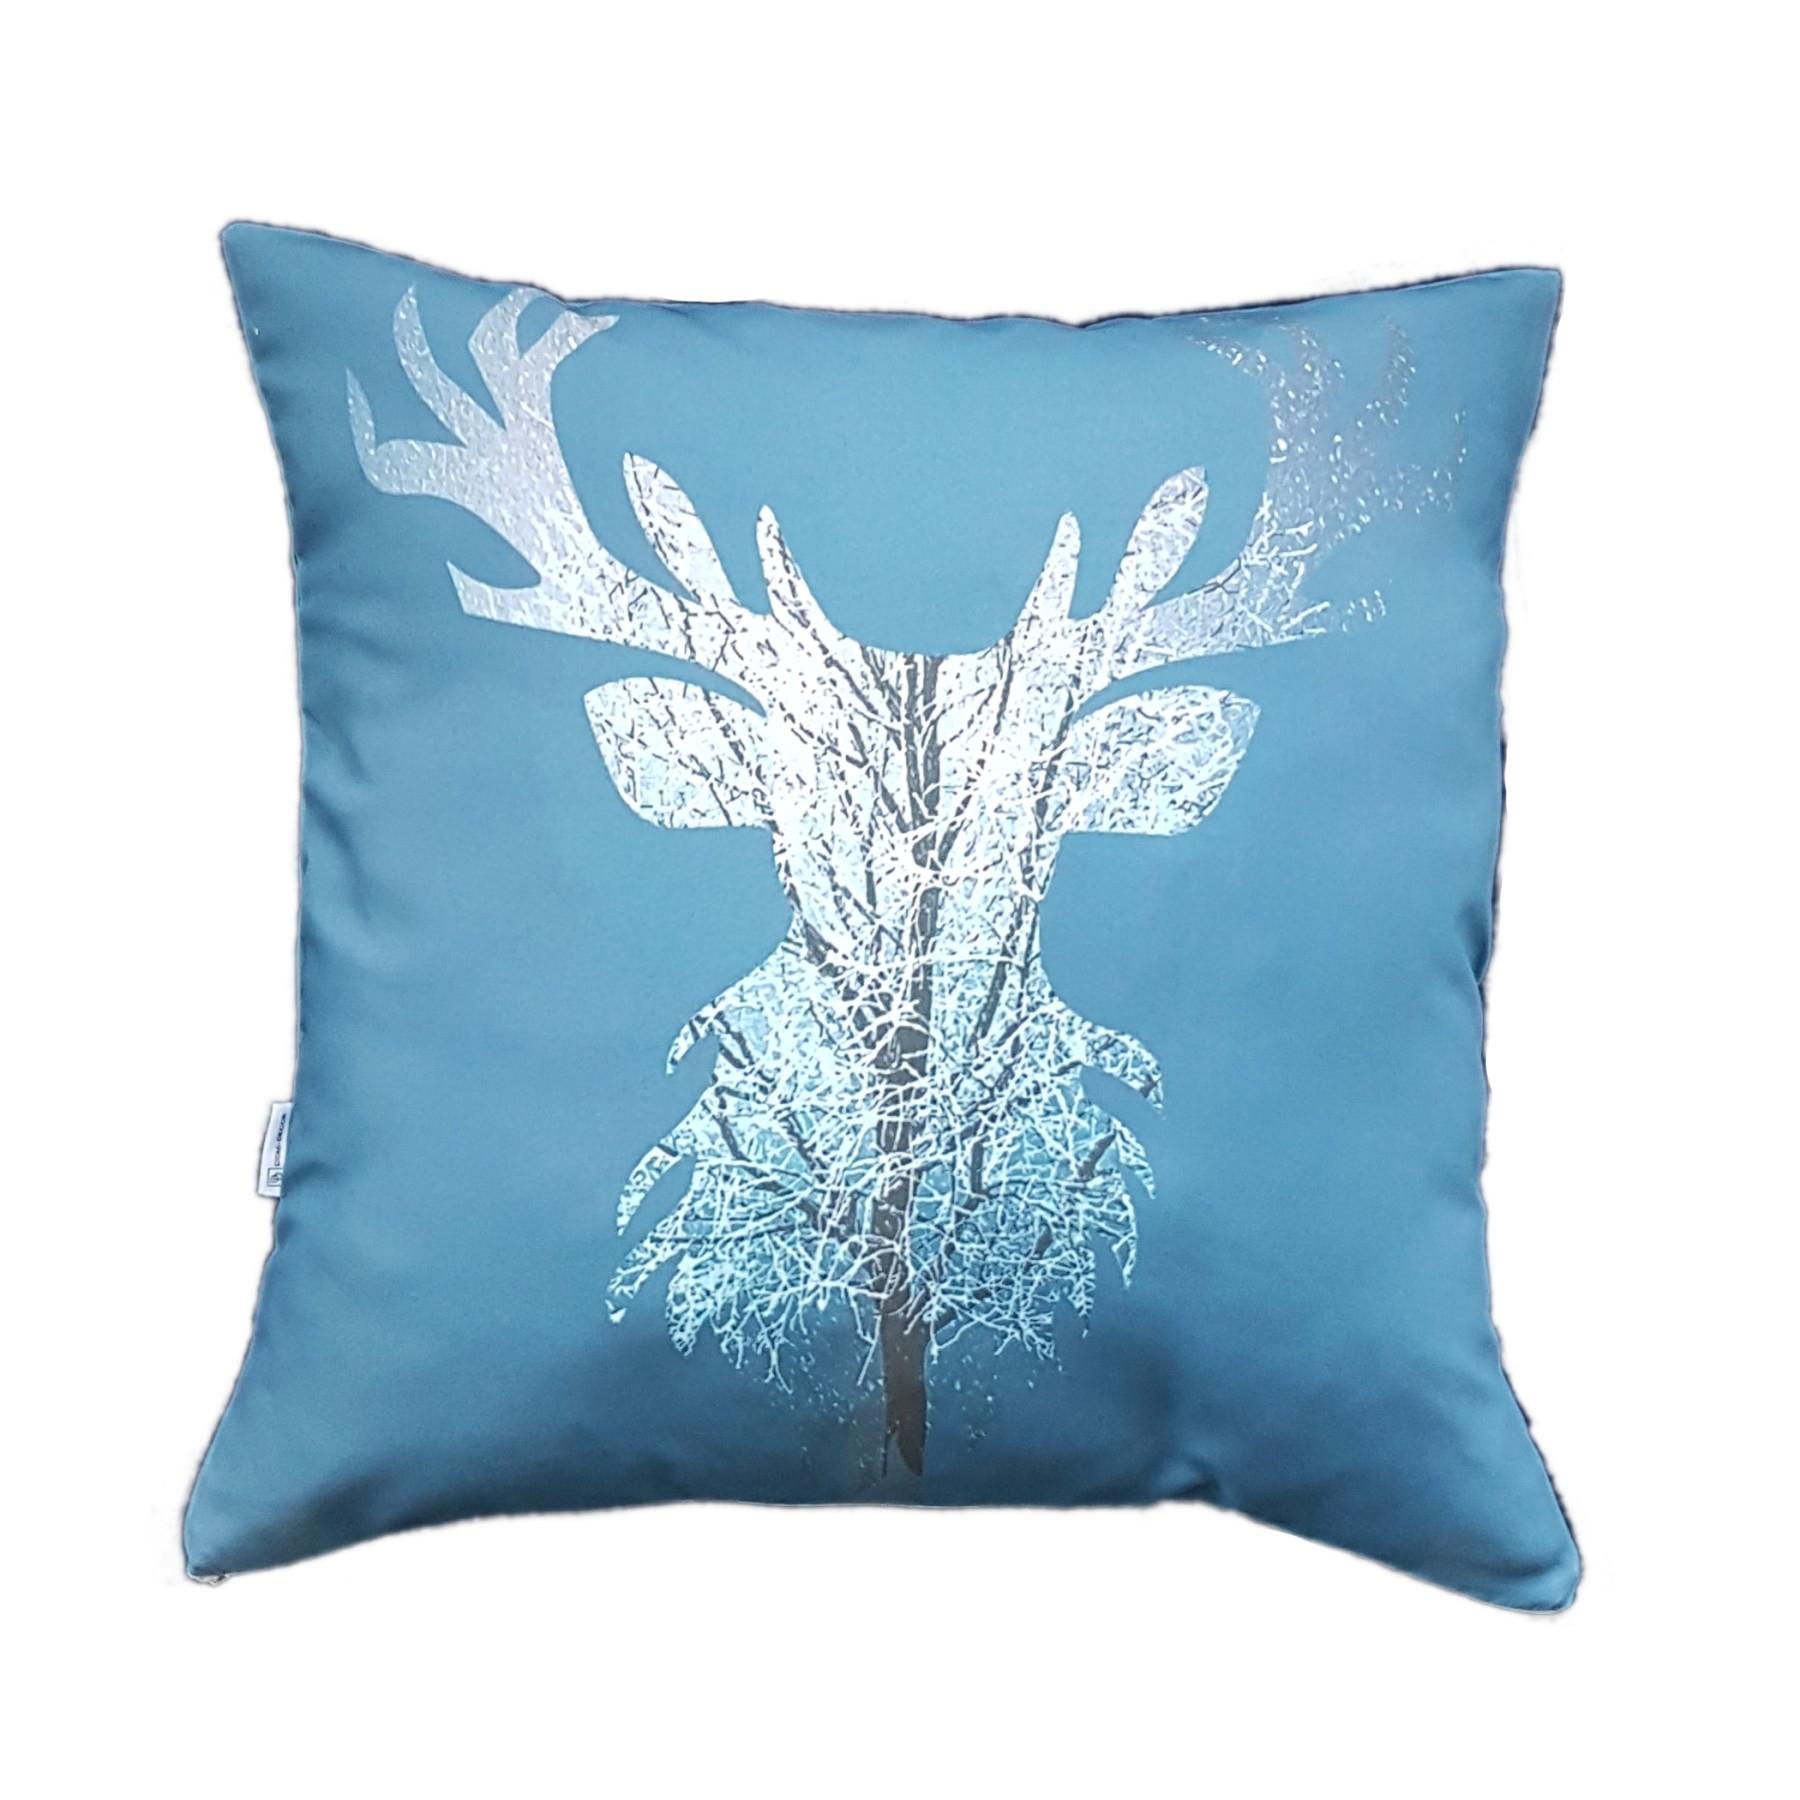 Poszewka renifer – niebieska 50×50